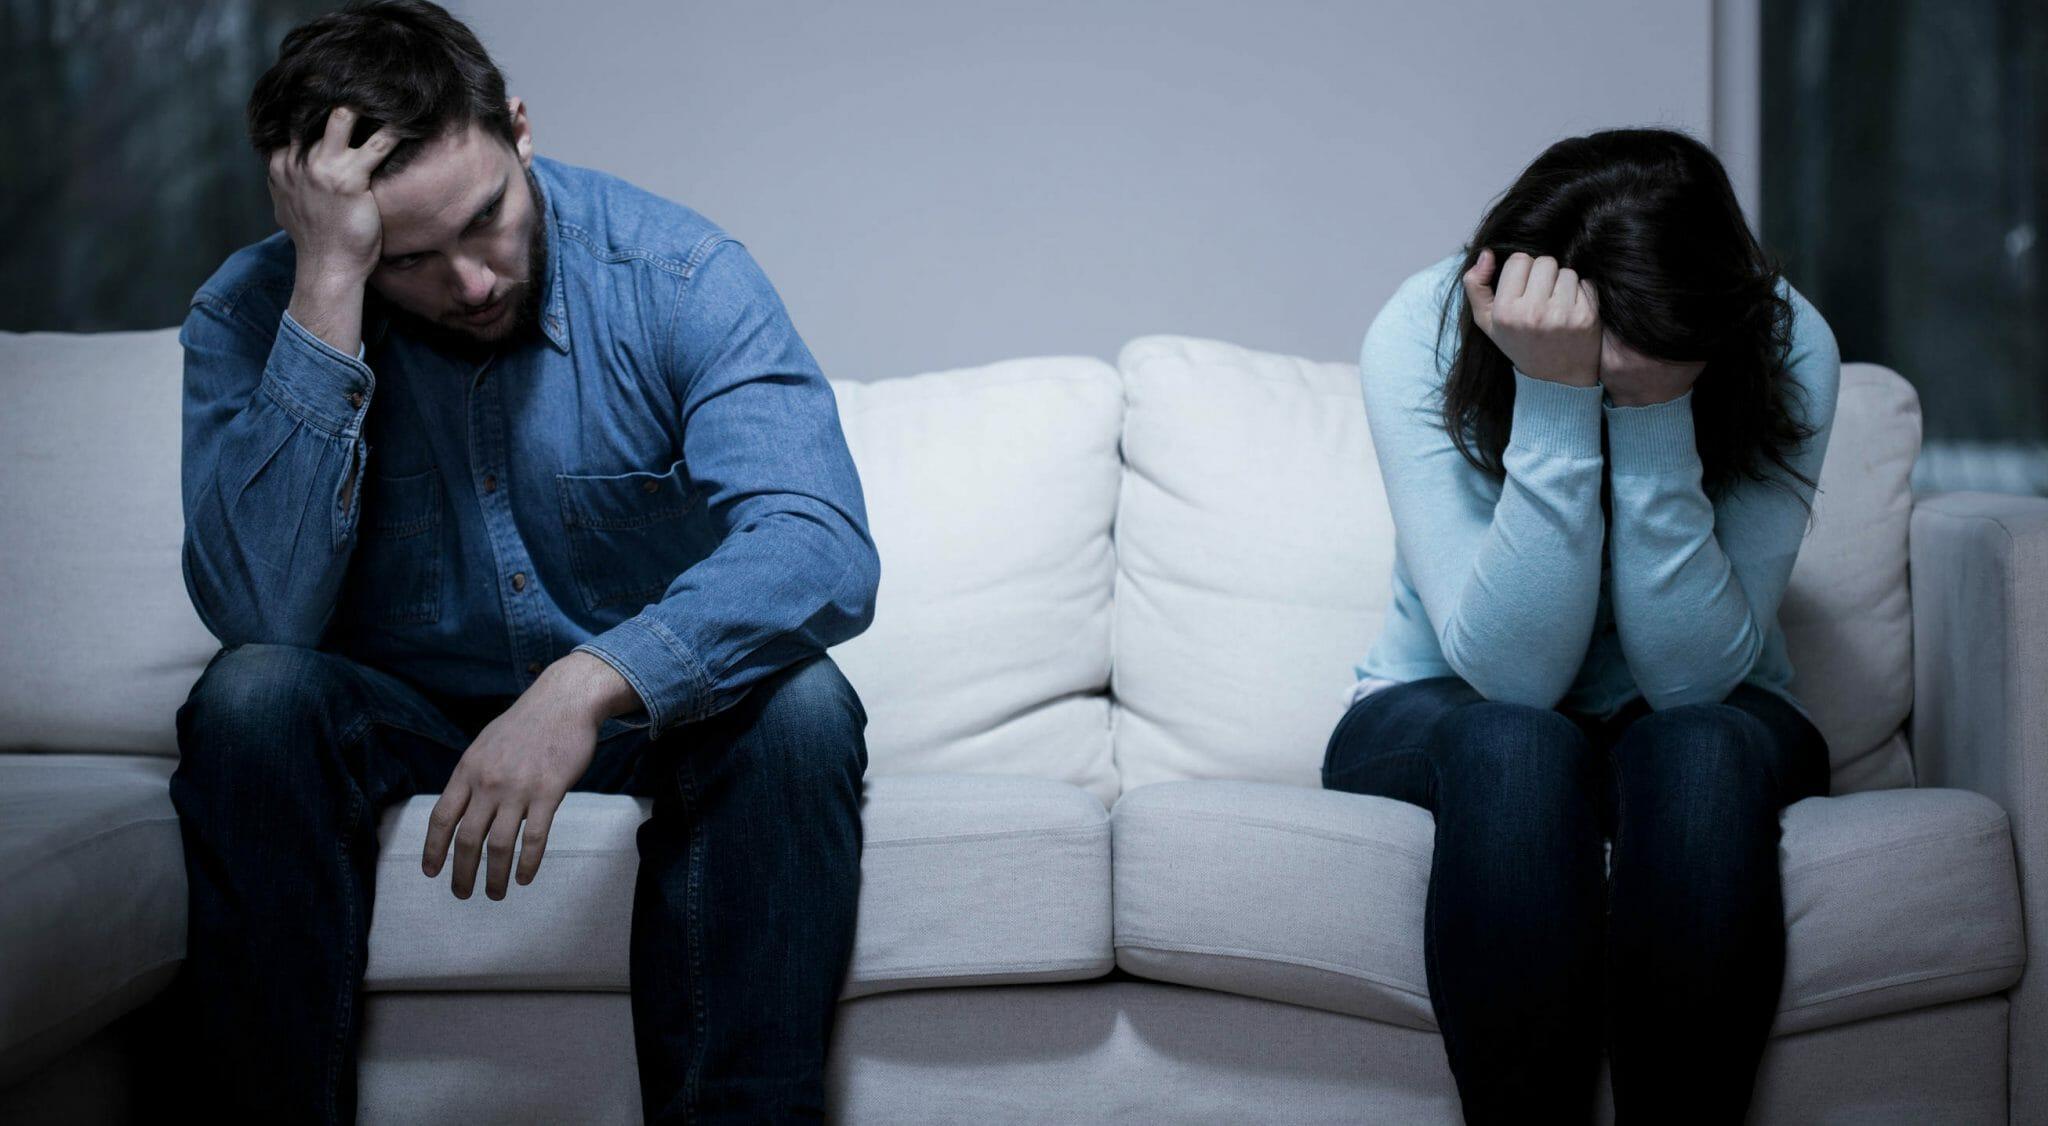 Il matrimonio a ostacoli nei libri di oggi